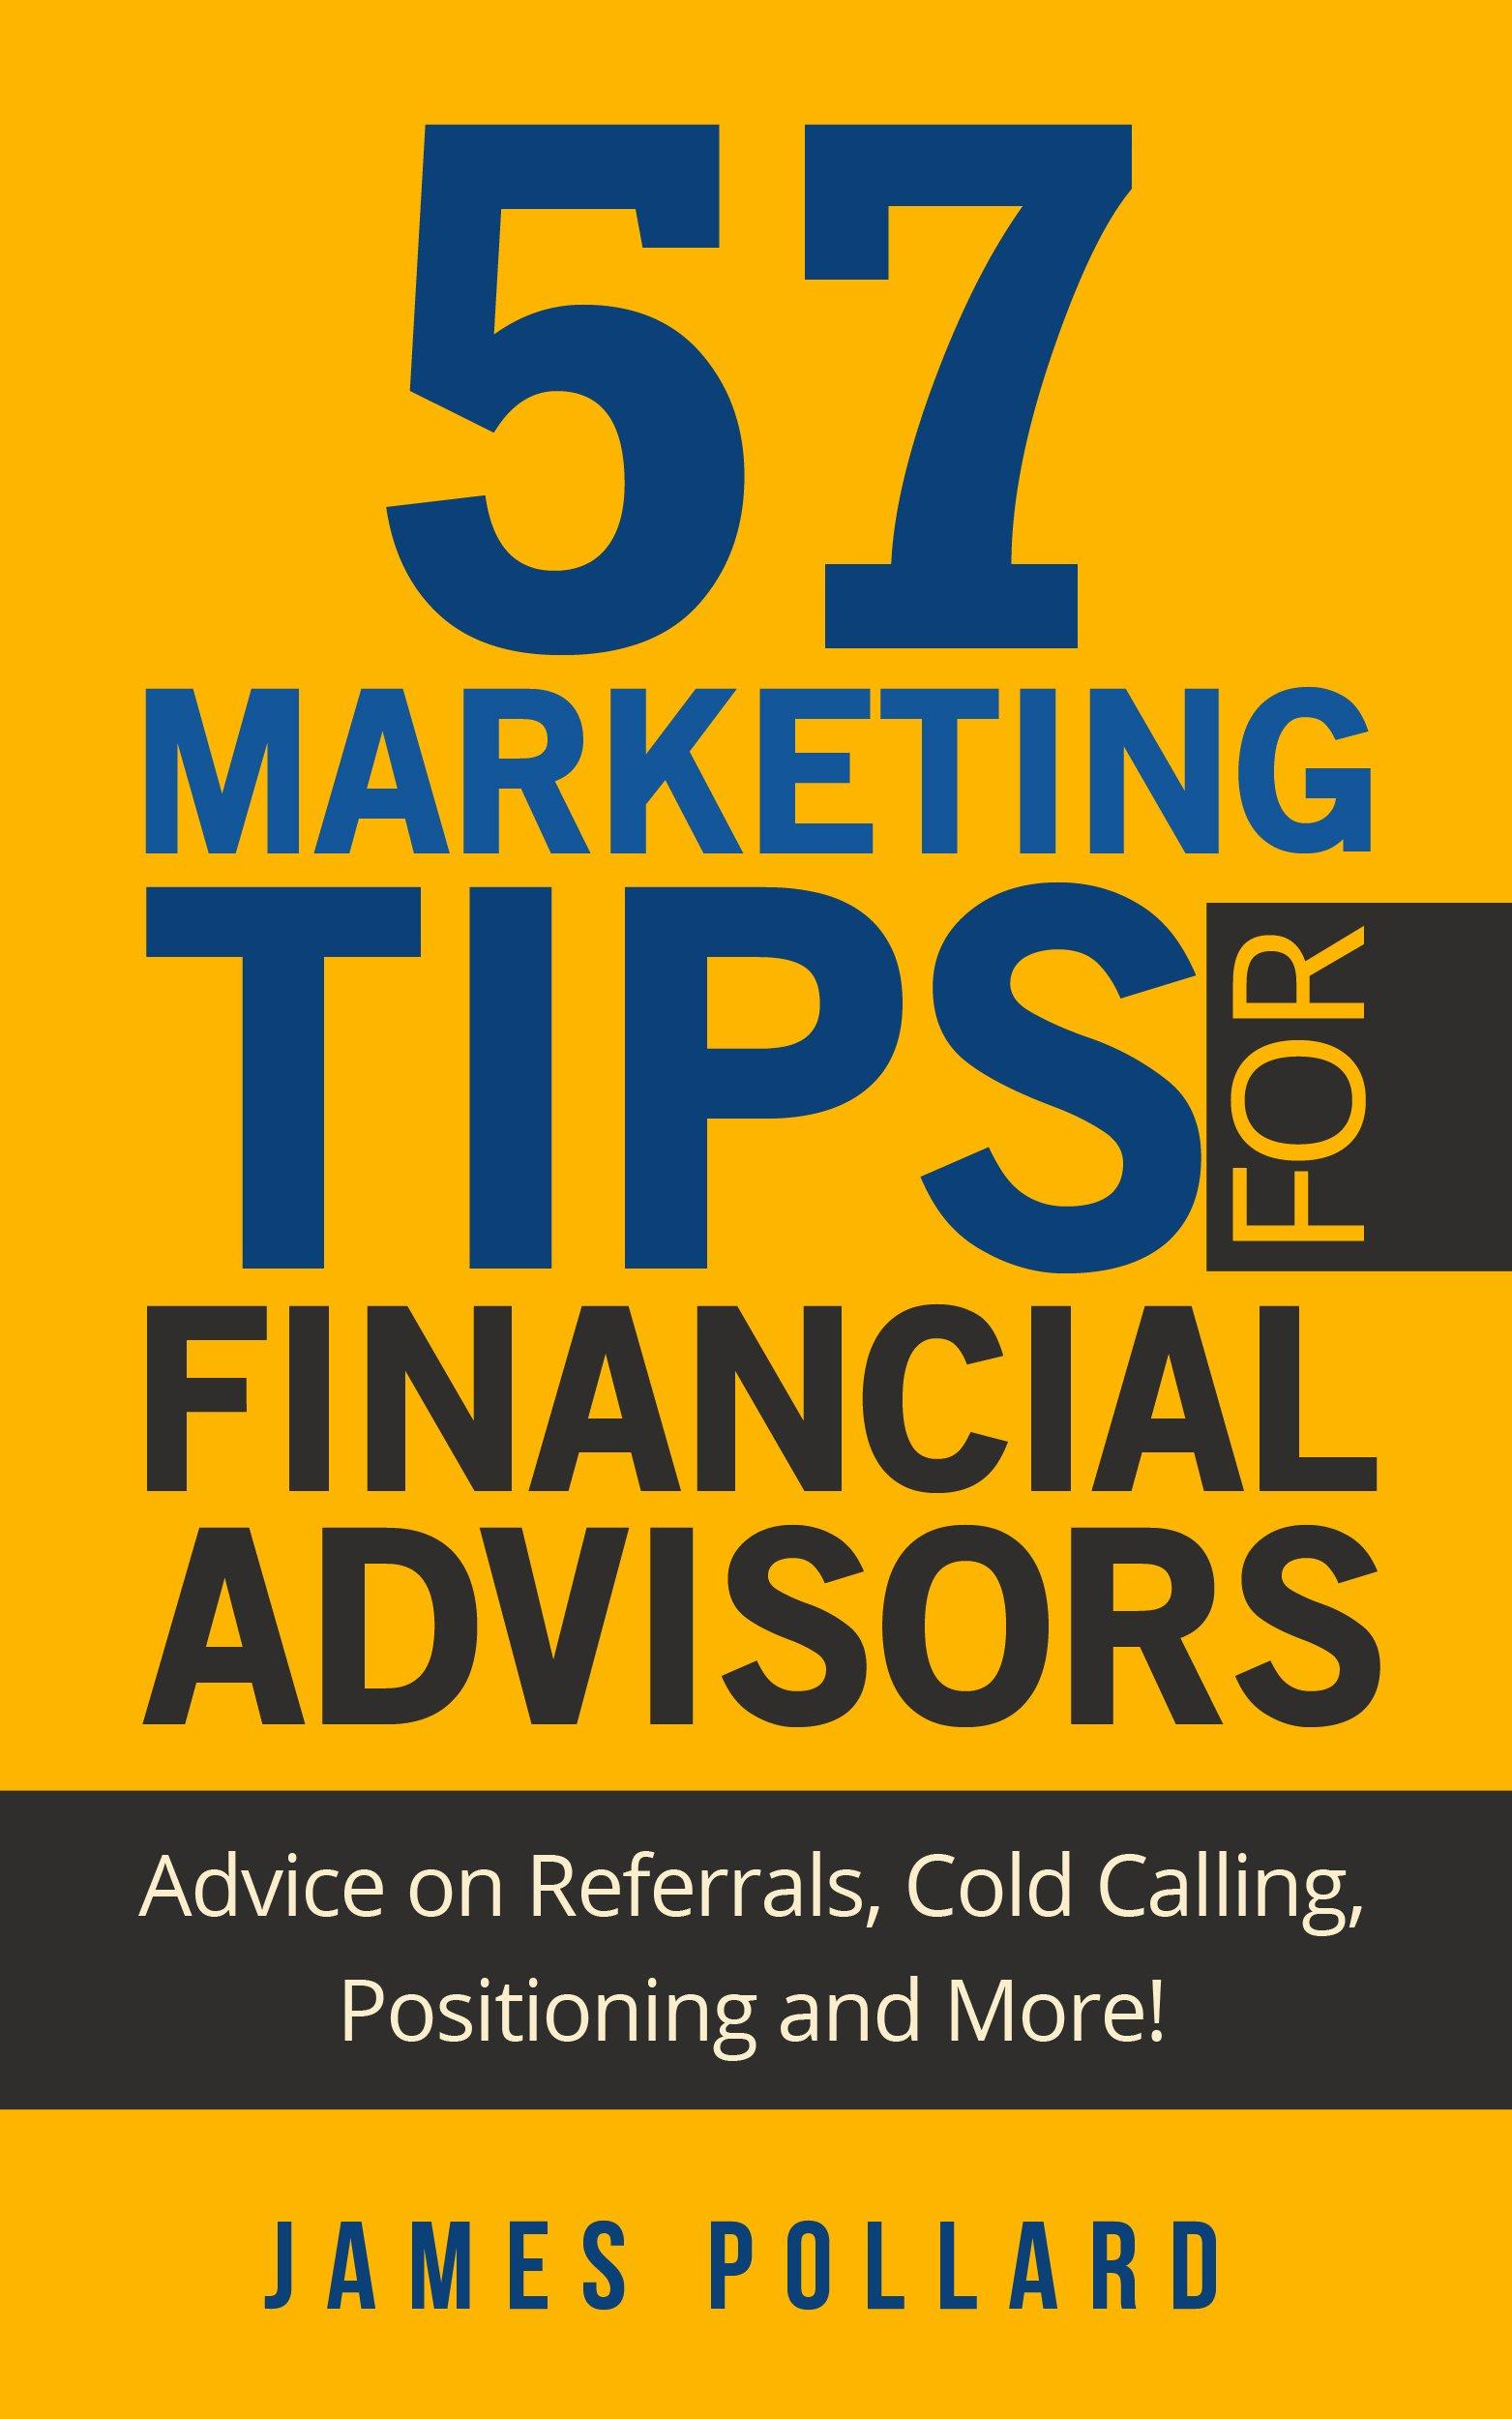 11 awesome client appreciation event ideas for financial advisors df7e3019a55d1495504402 57marketingtipsforfinancialadvisorsg magicingreecefo Images